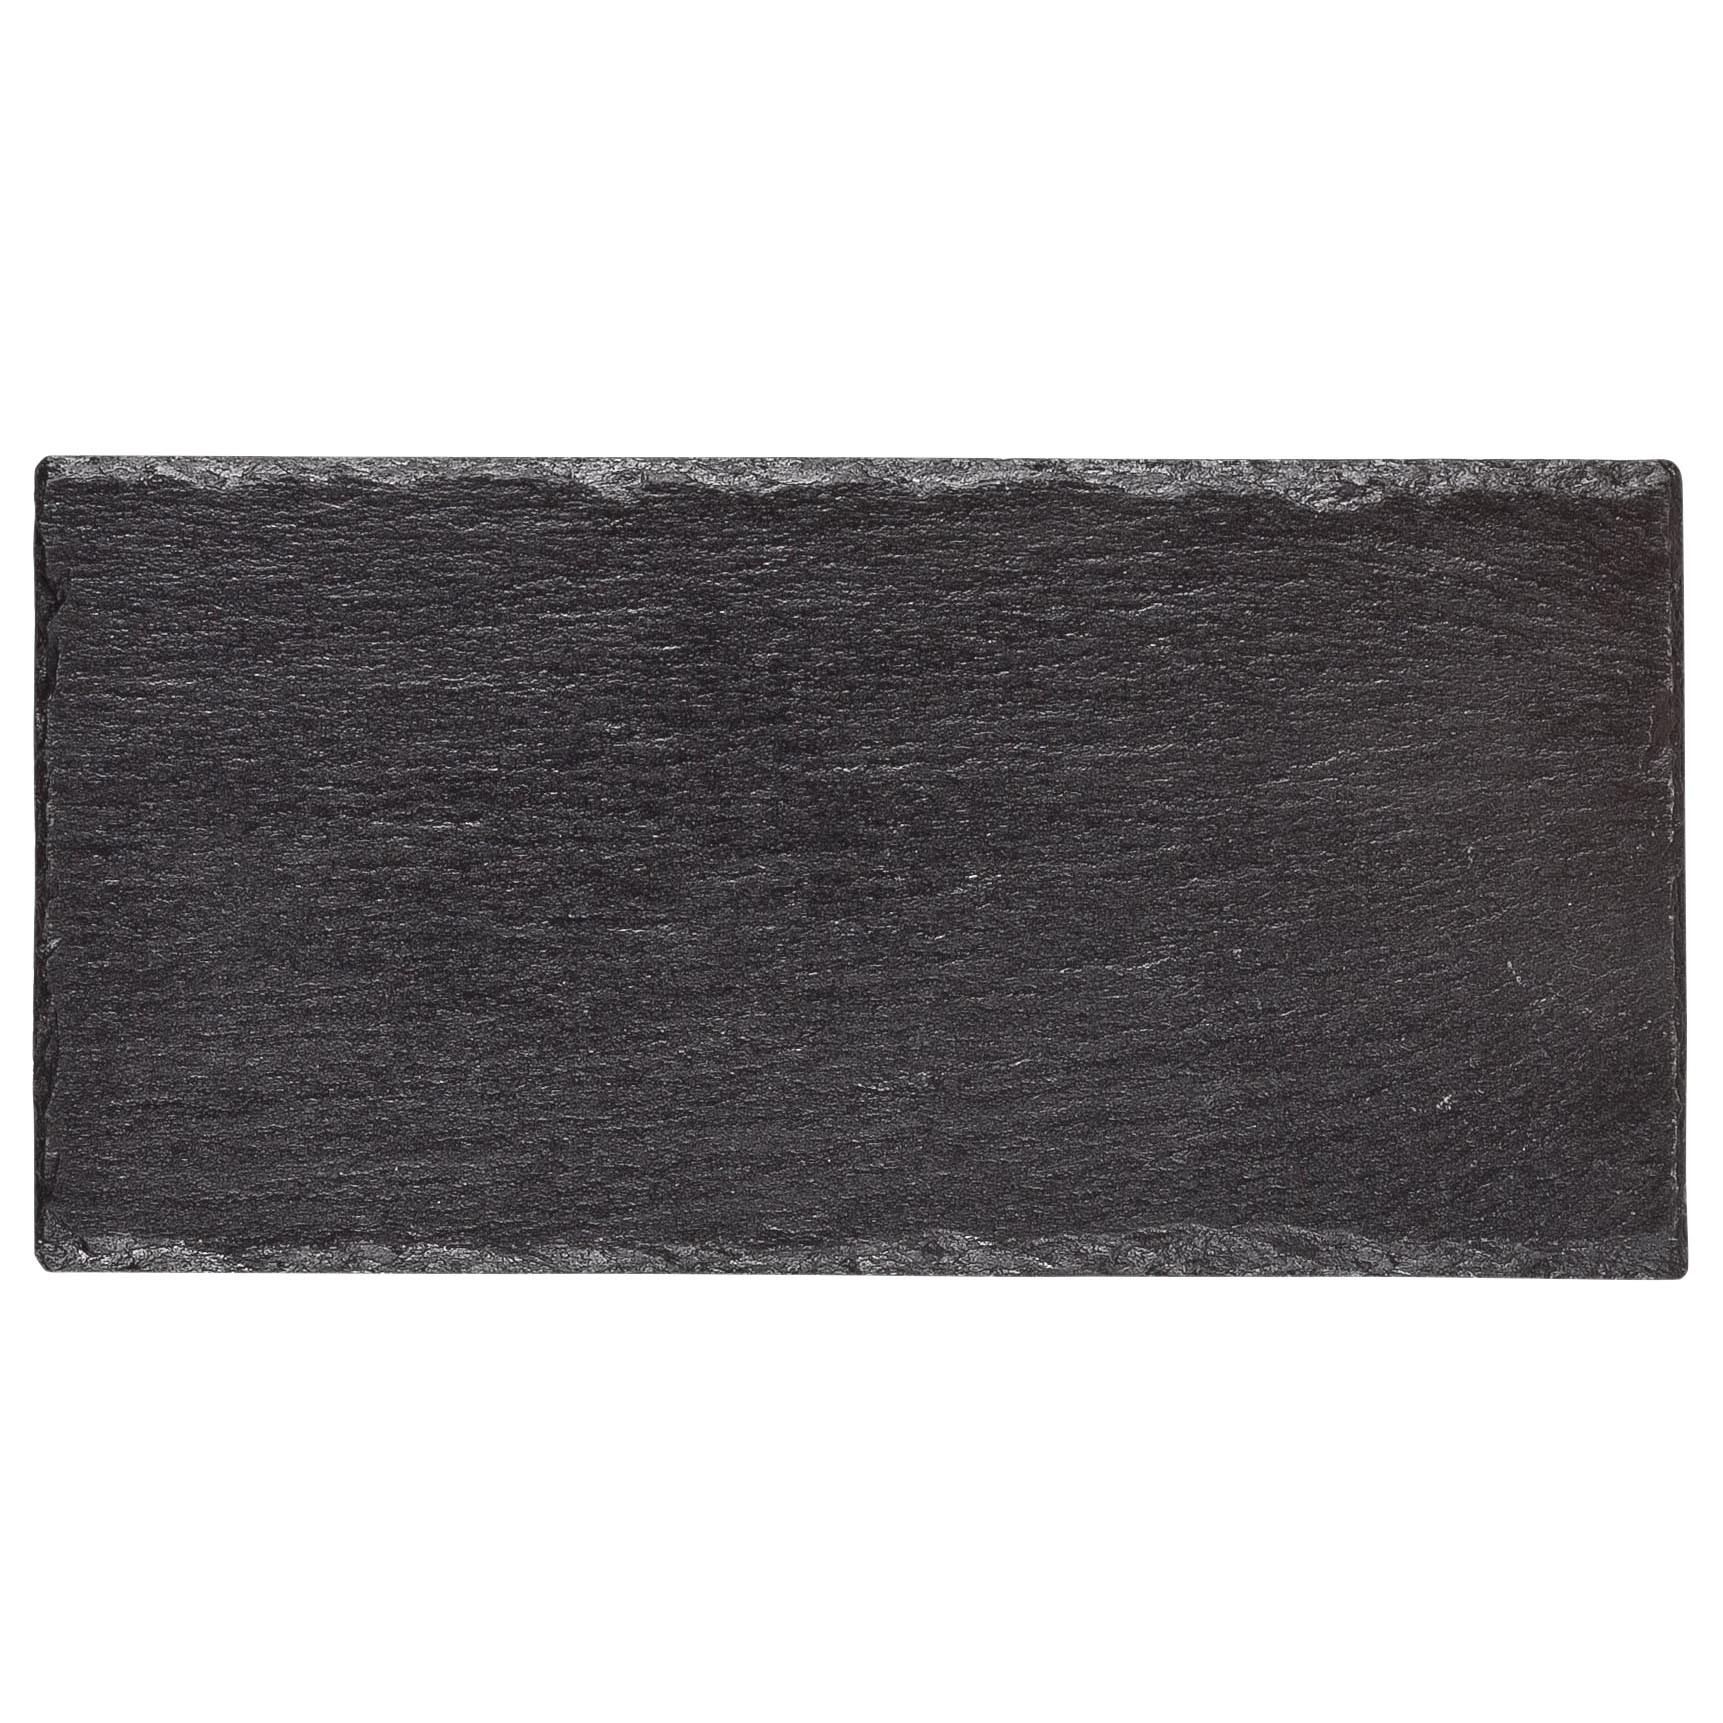 Servierplatte Schiefer mittel, schwarz, Ansicht 4